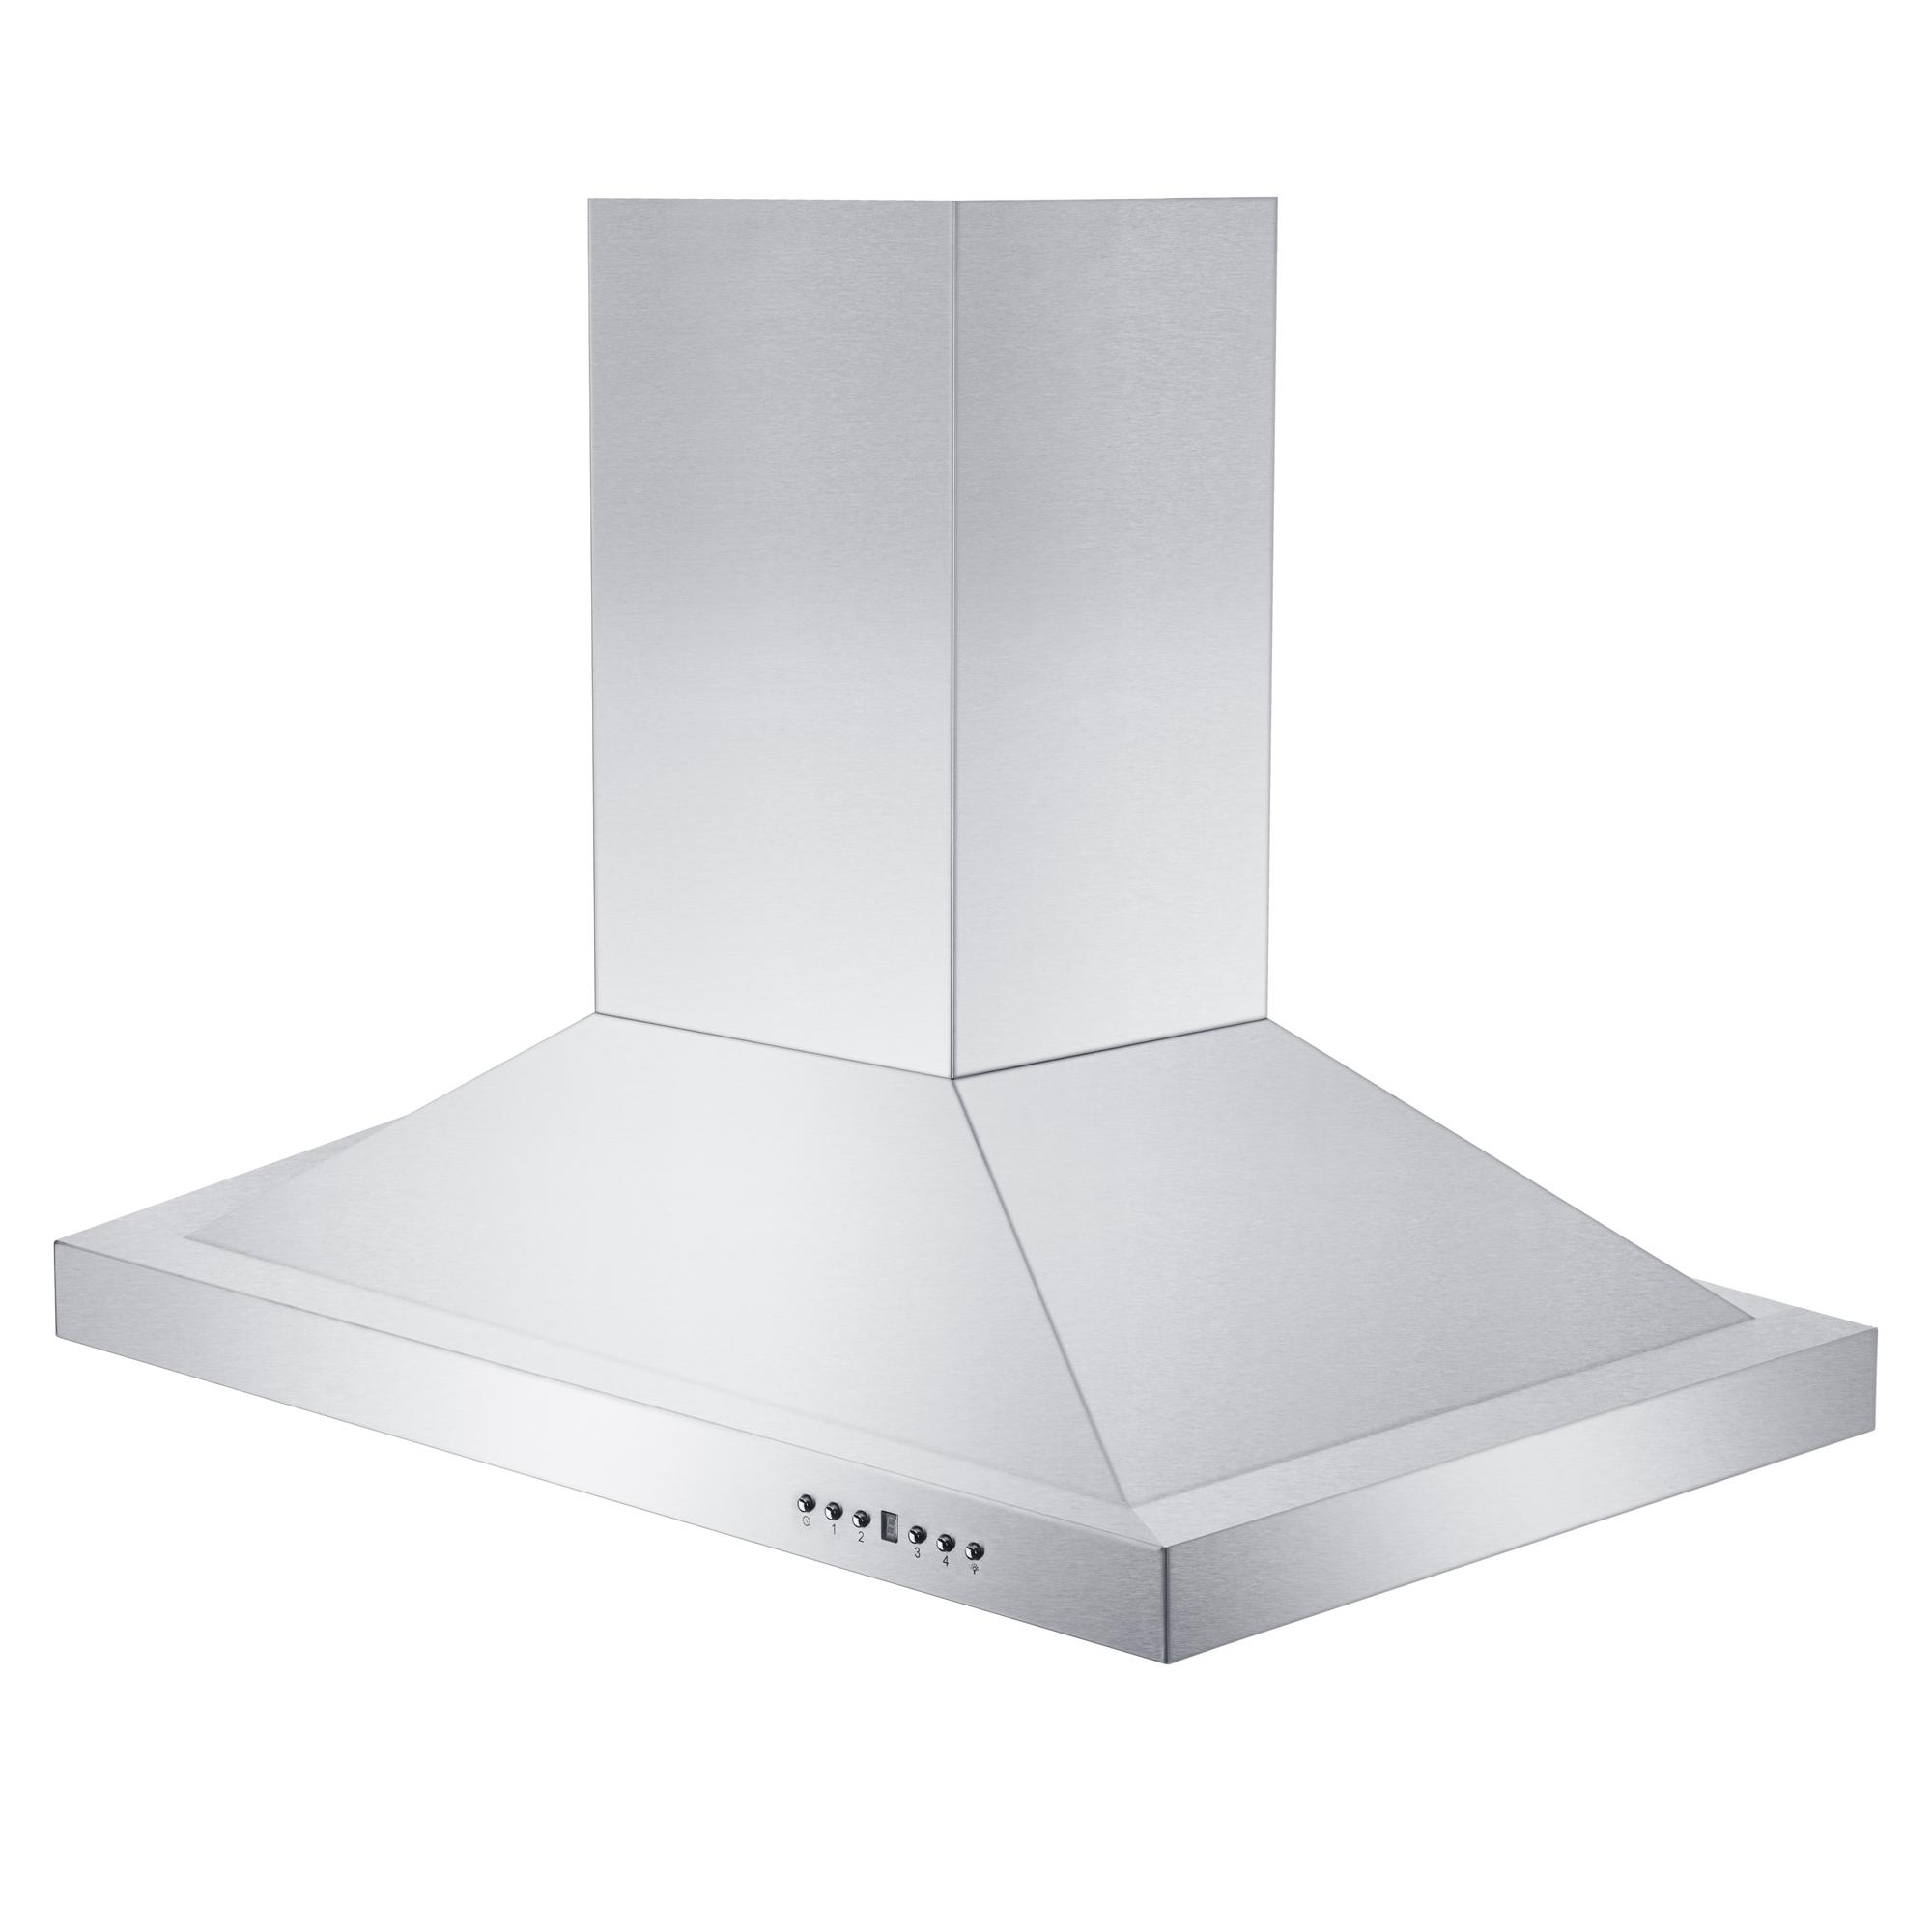 zline-stainless-steel-island-range-hood-GL2i-new-main.jpg